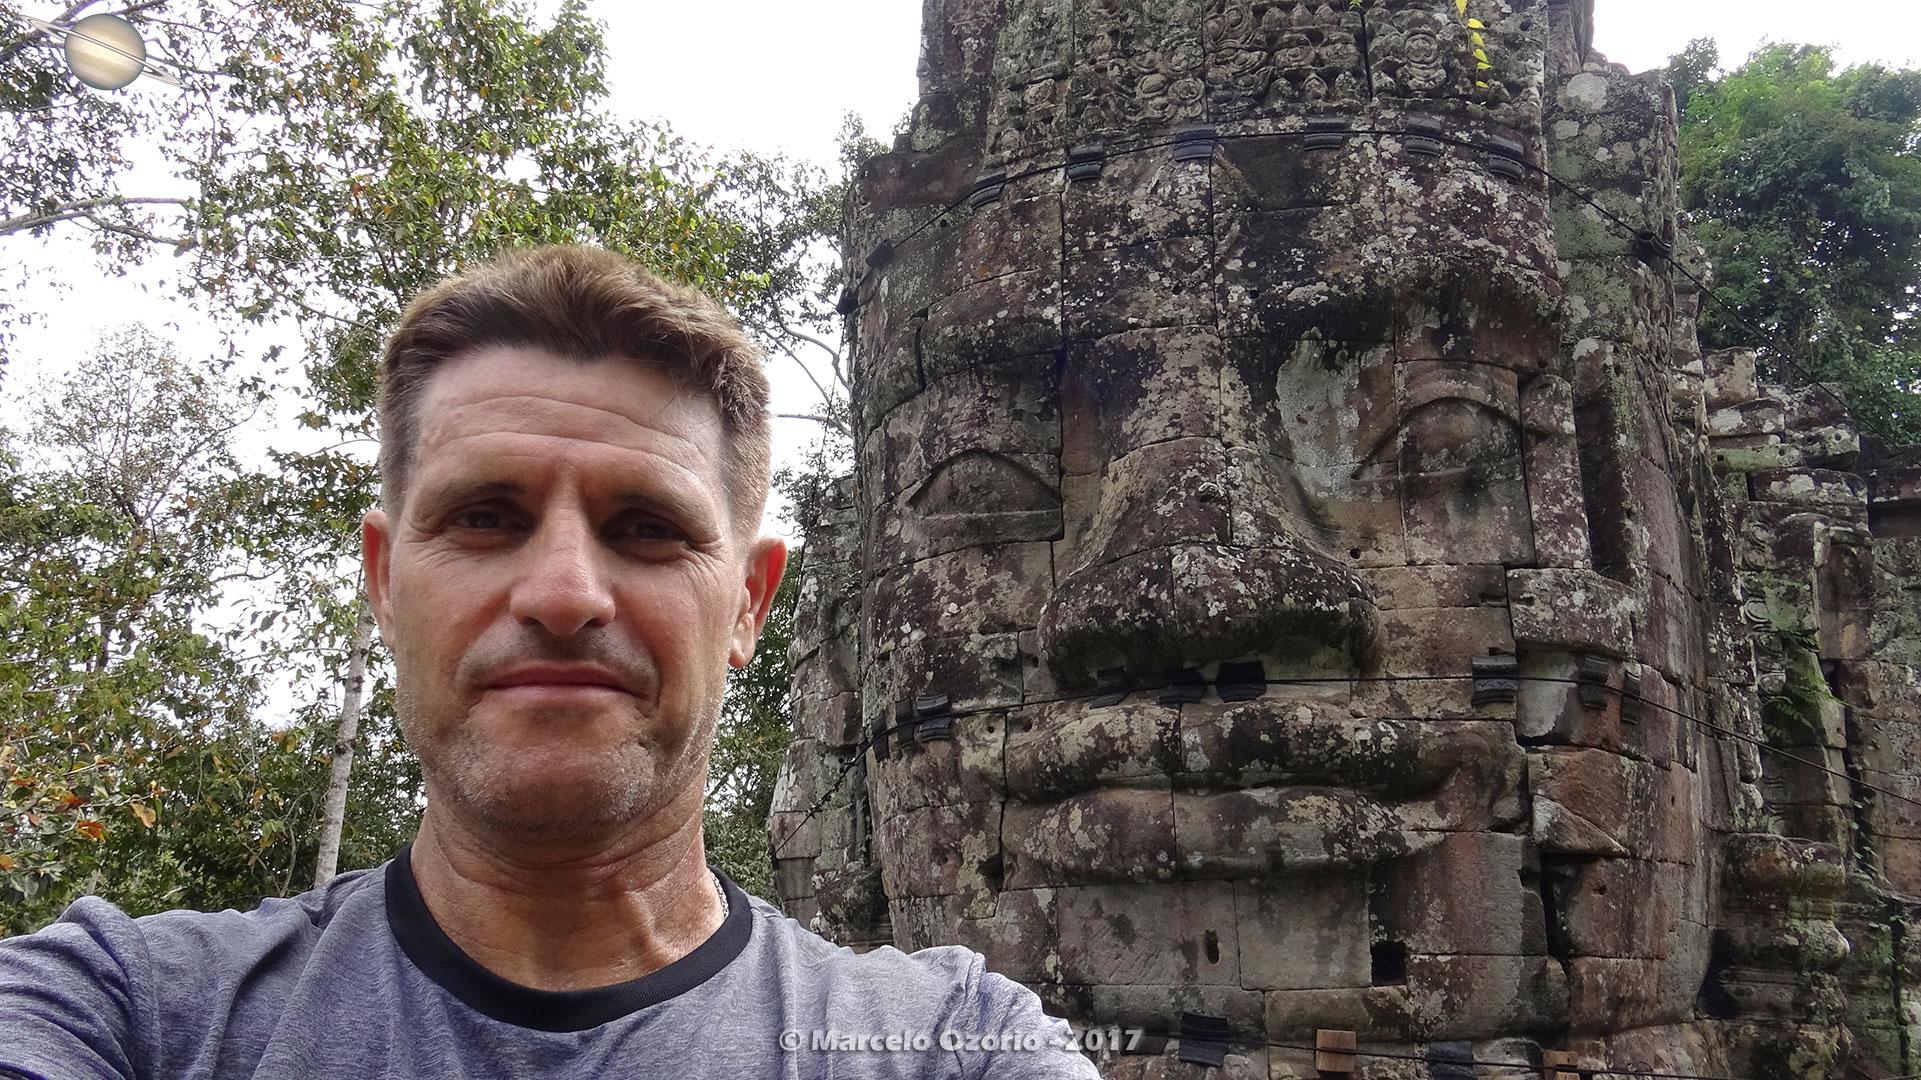 Marcelo Ozorio nos Portais de Angkor Thom - Siem Reap - Camboja